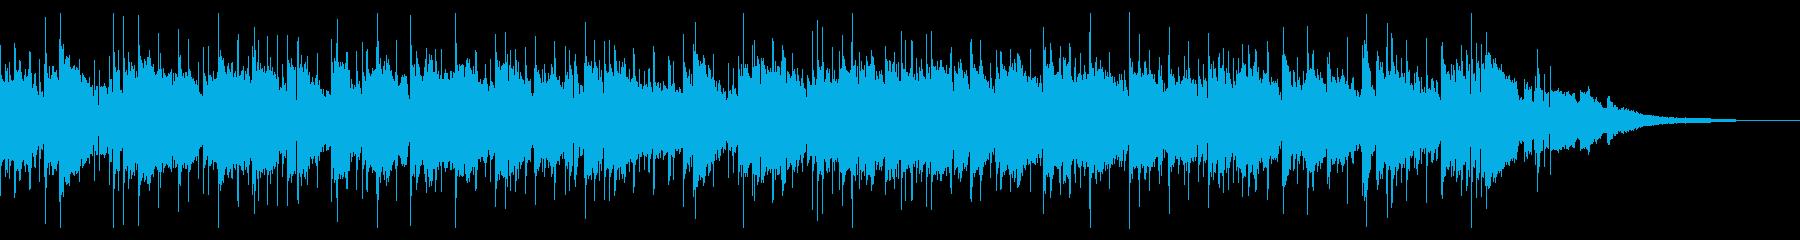 ノクターン第2番リプライズ ギターverの再生済みの波形